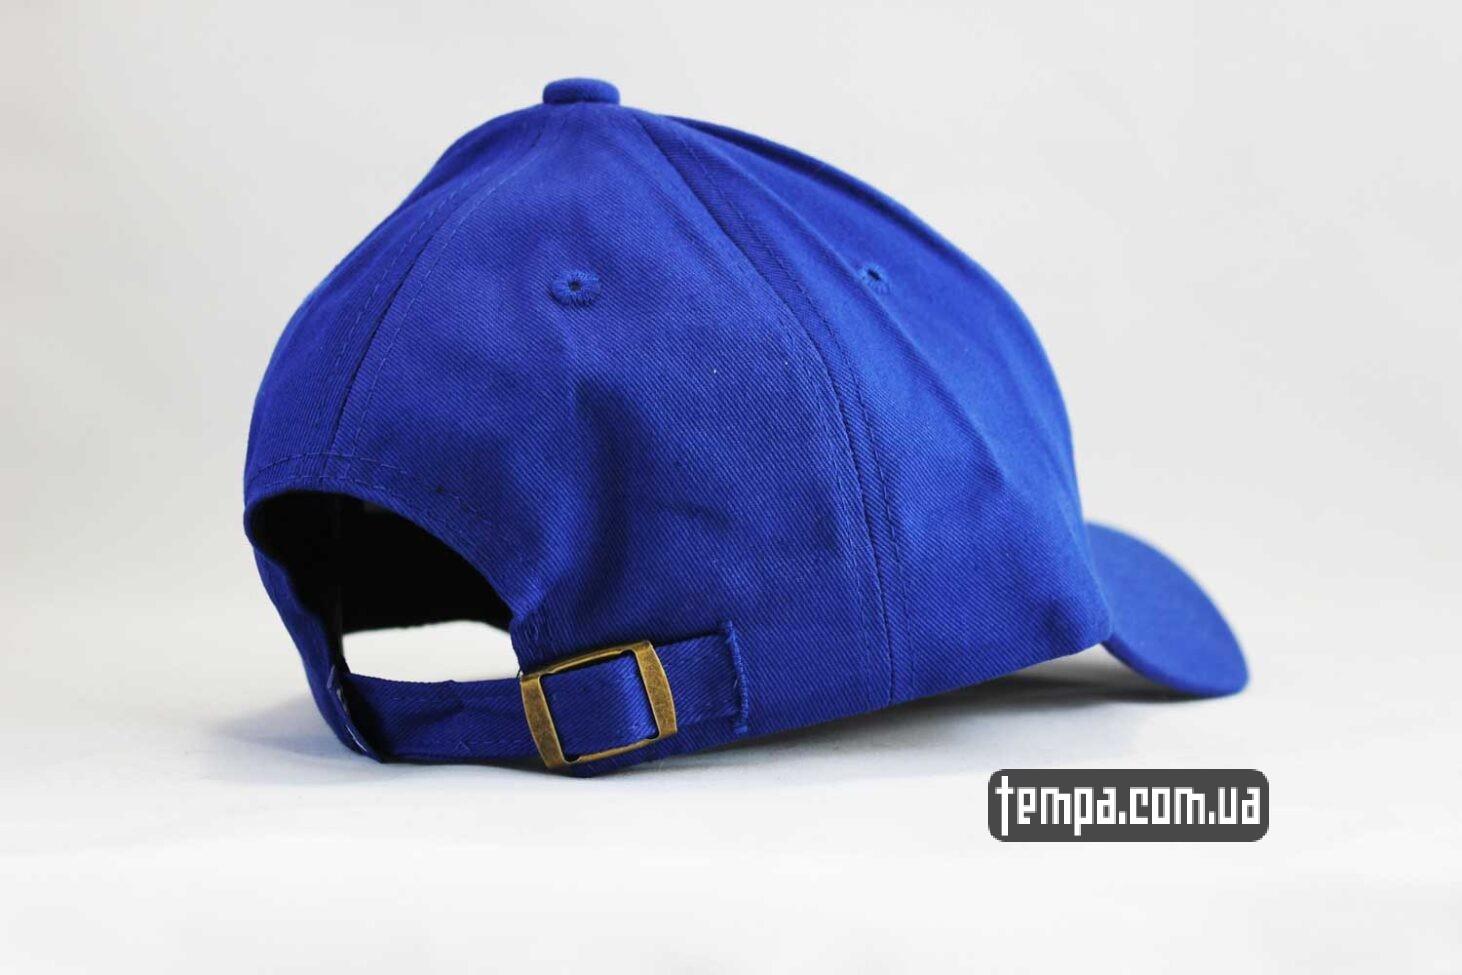 снепбеки Украина купить кепка snapback бейсболка Dodgers 47 New Era синяя купить